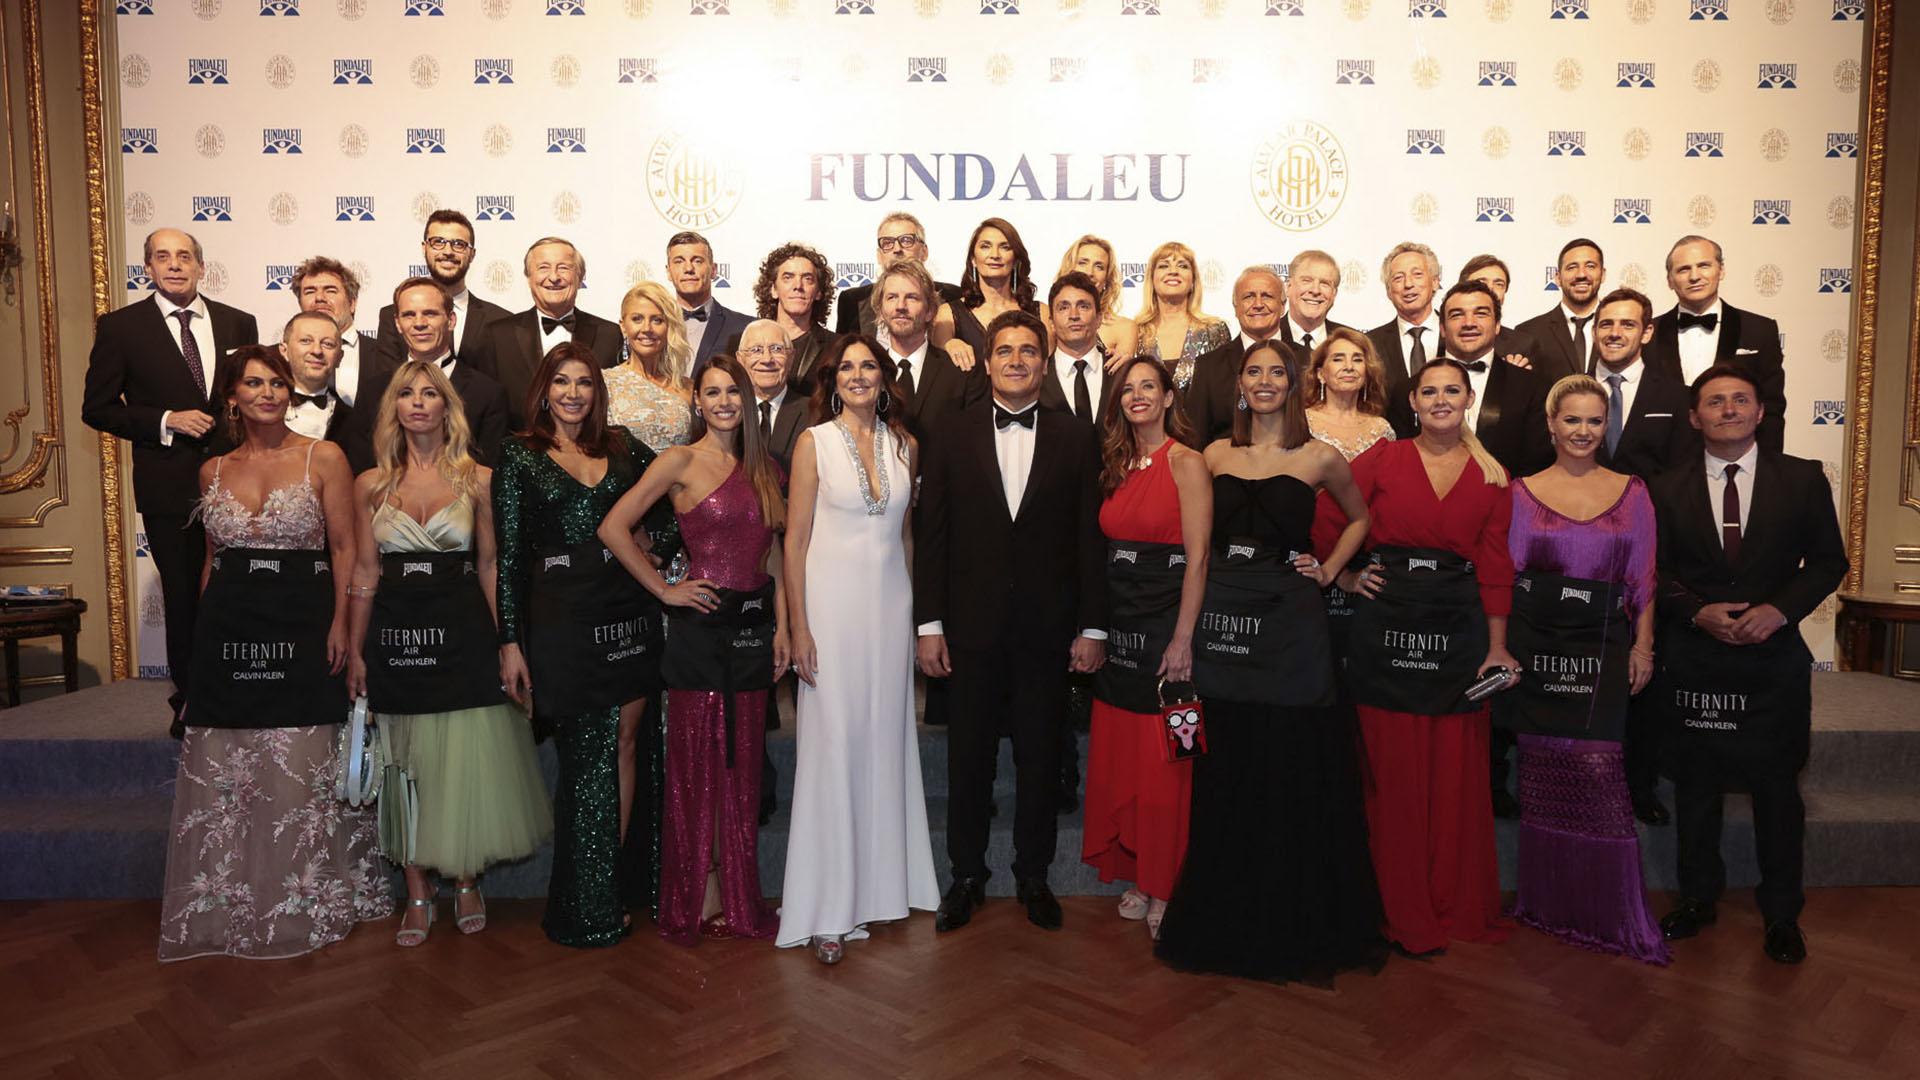 """Hace 23 años que las celebridades acompañan a Fundaleu en calidad de """"Celebrity Waiters"""" y se convierten en los protagonistas de una fantástica velada a favor de la vida"""